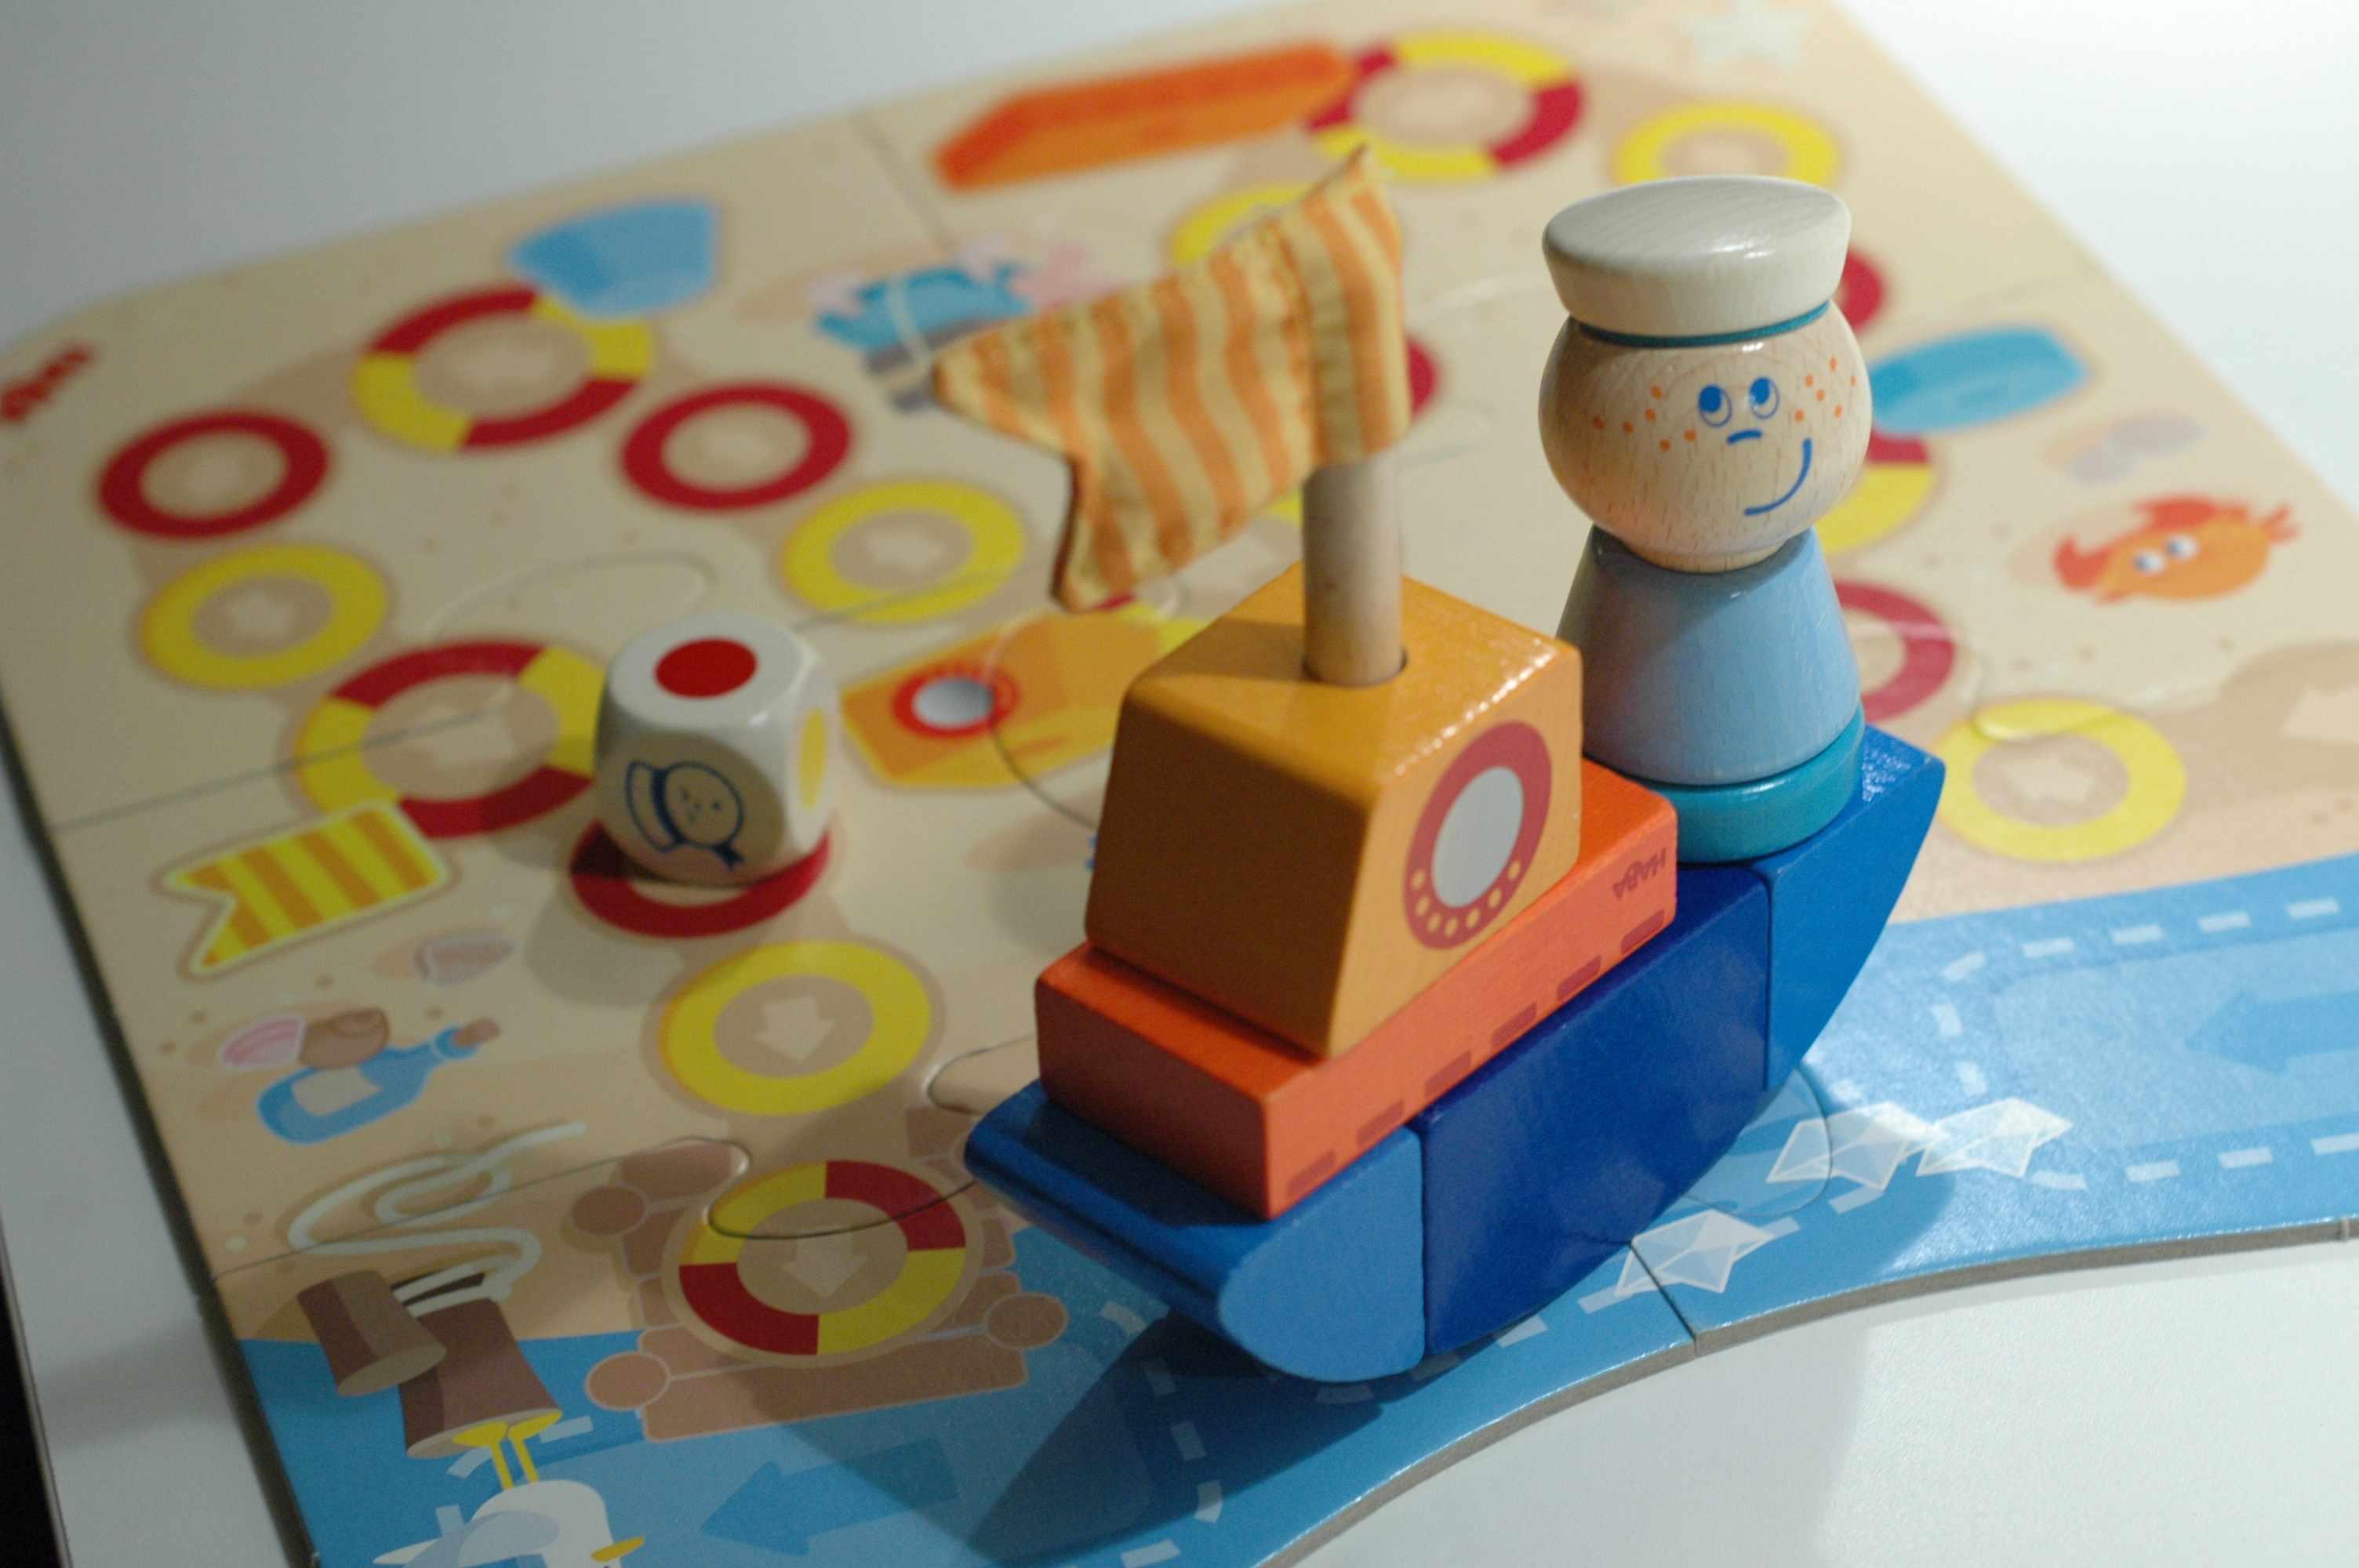 Ohé Matelot, jeu cycle 1 de coopération et d'agileté motrice pour les tout petits, petits.